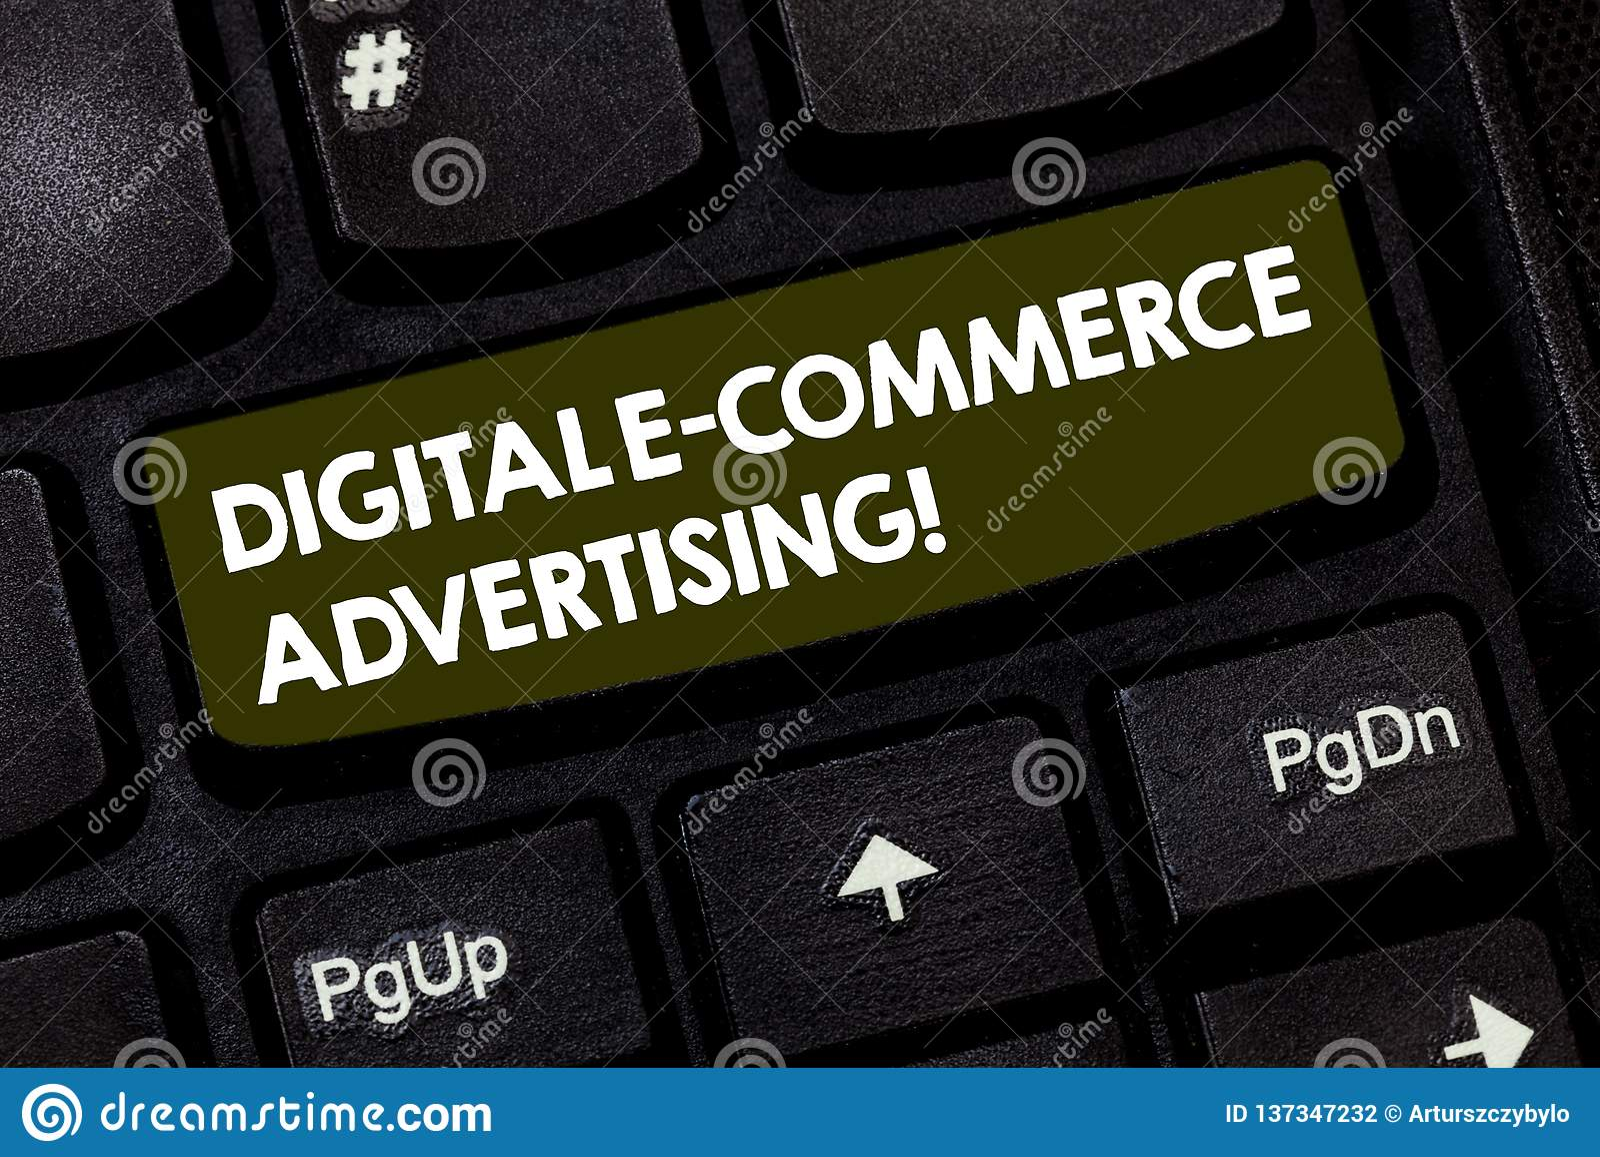 Σημείωση γραψίματος που παρουσιάζει ψηφιακή διαφήμιση ηλεκτρονικού εμπορίου Εμπορικές συναλλαγές επίδειξης επιχειρησιακών φωτογρα